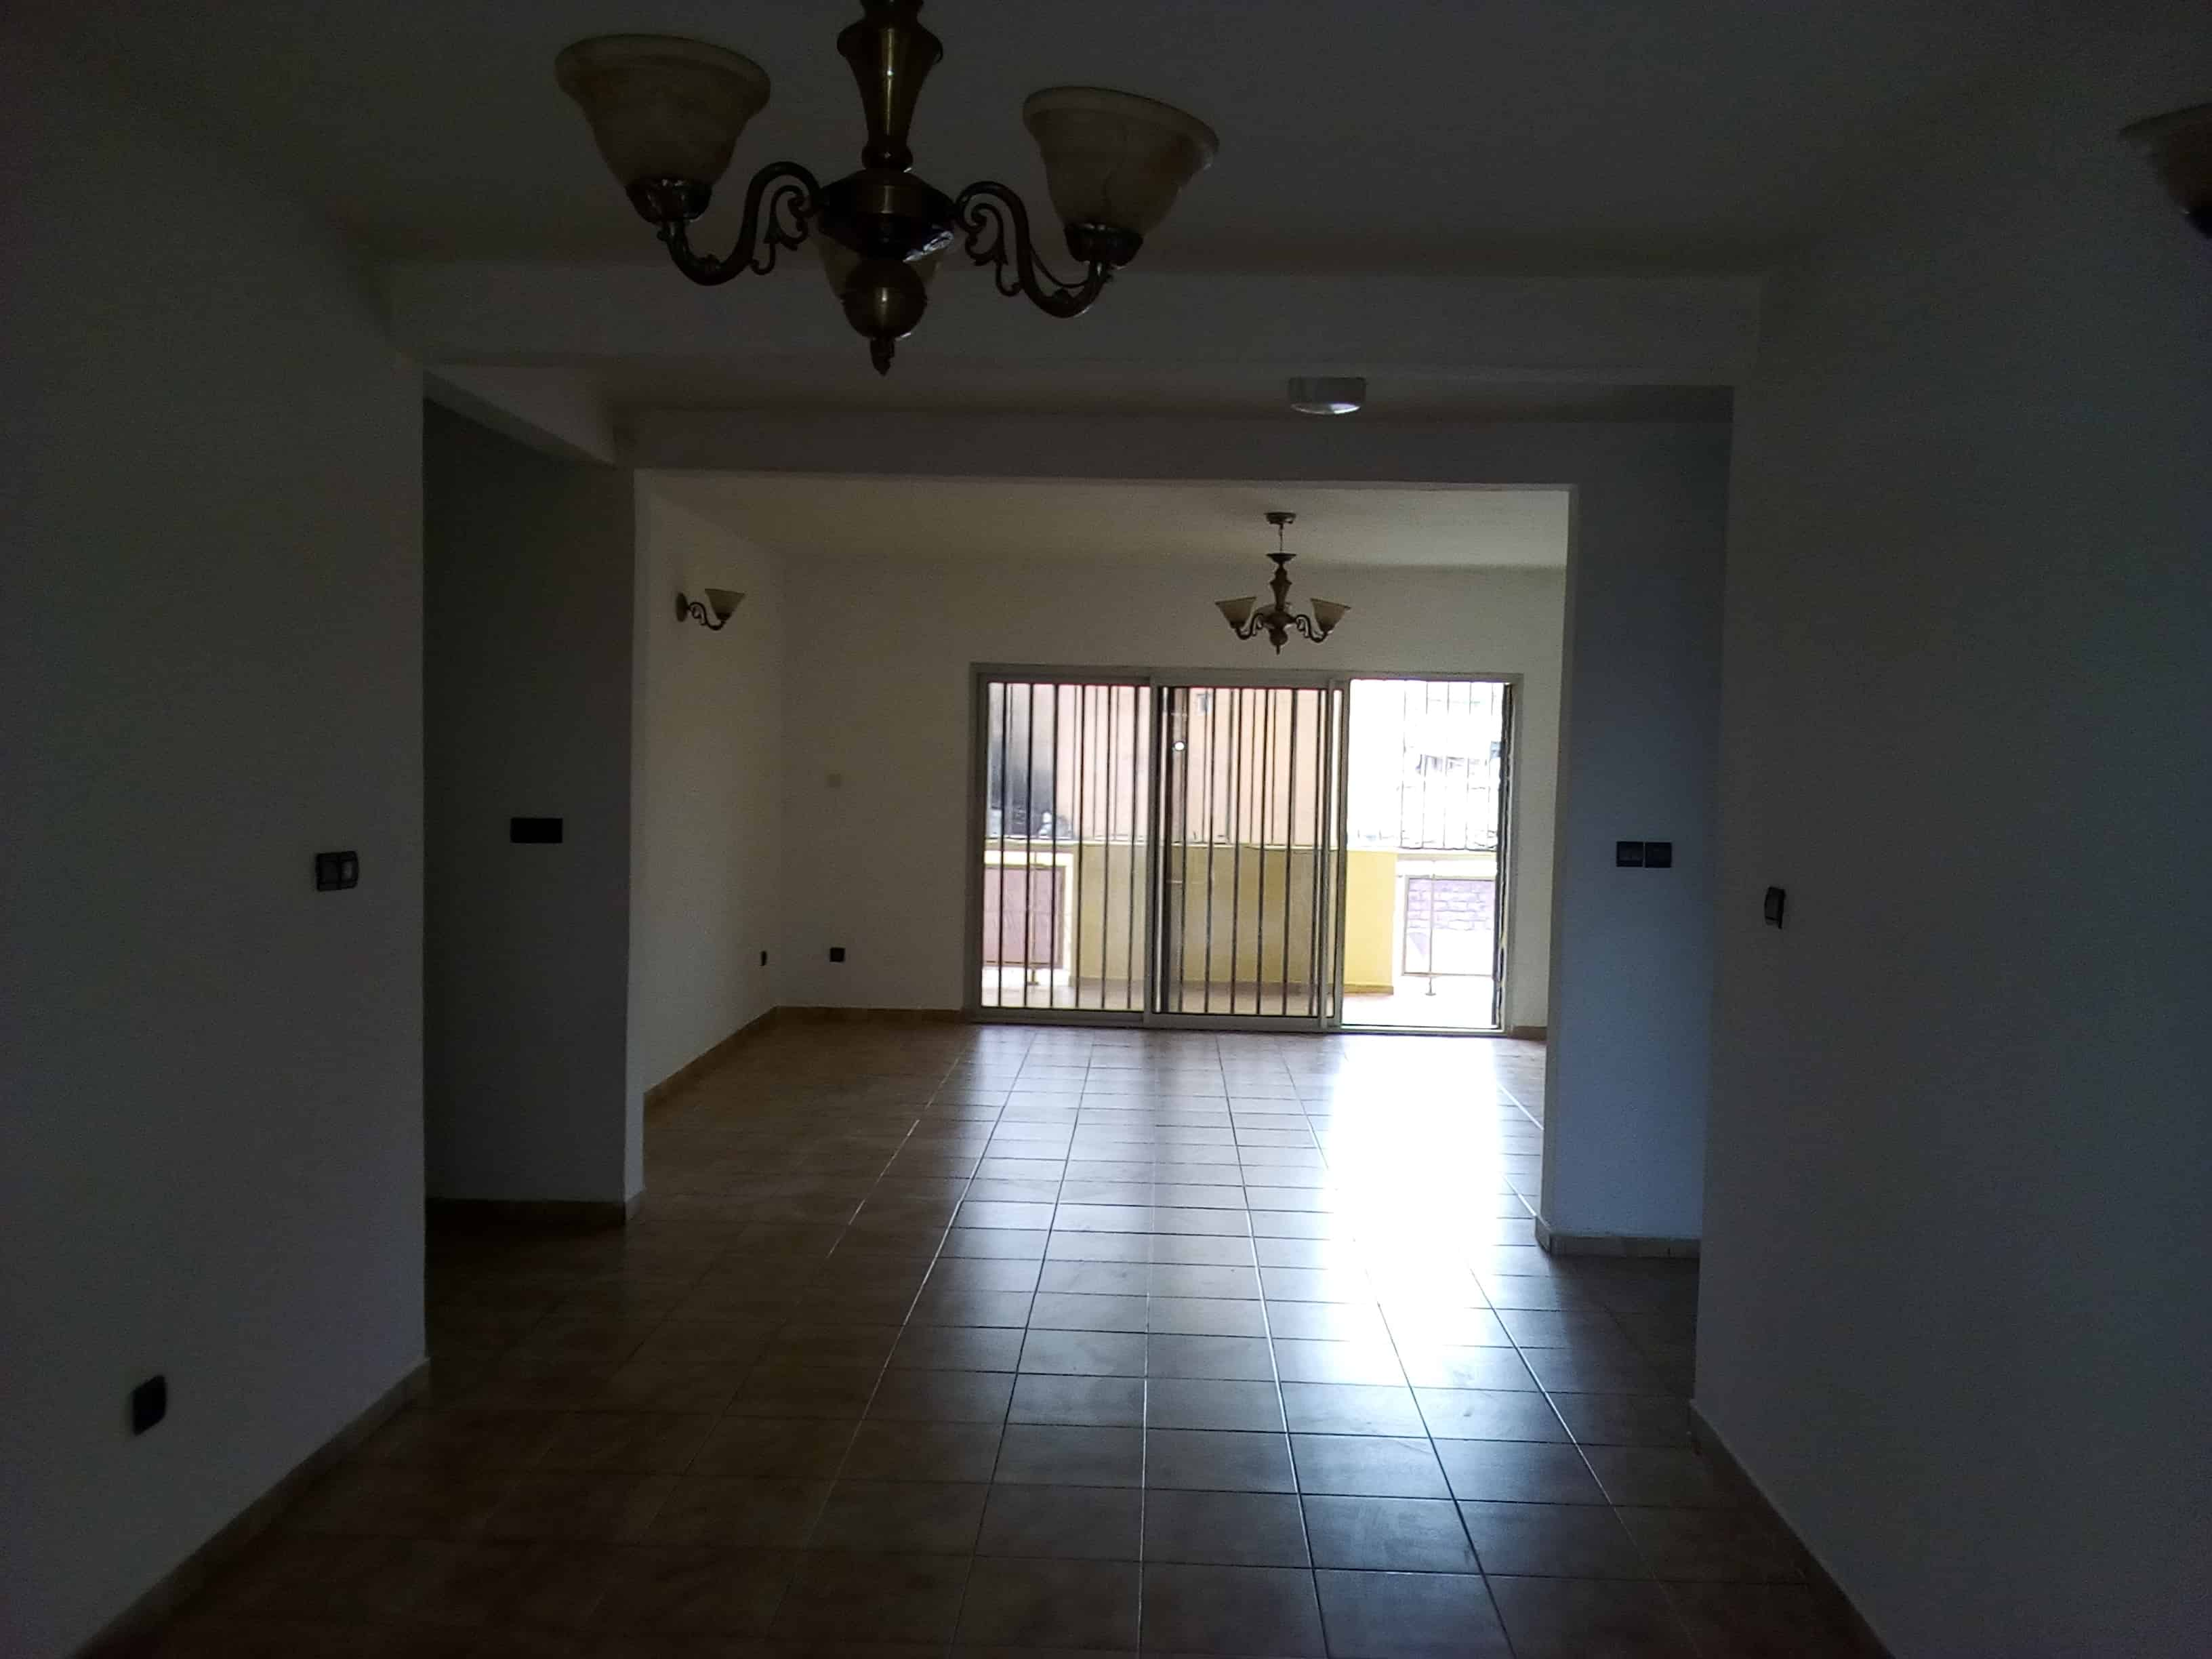 Office to rent at Yaoundé, Nlongkak, pas loin du rond point - 150 m2 - 275 000 FCFA